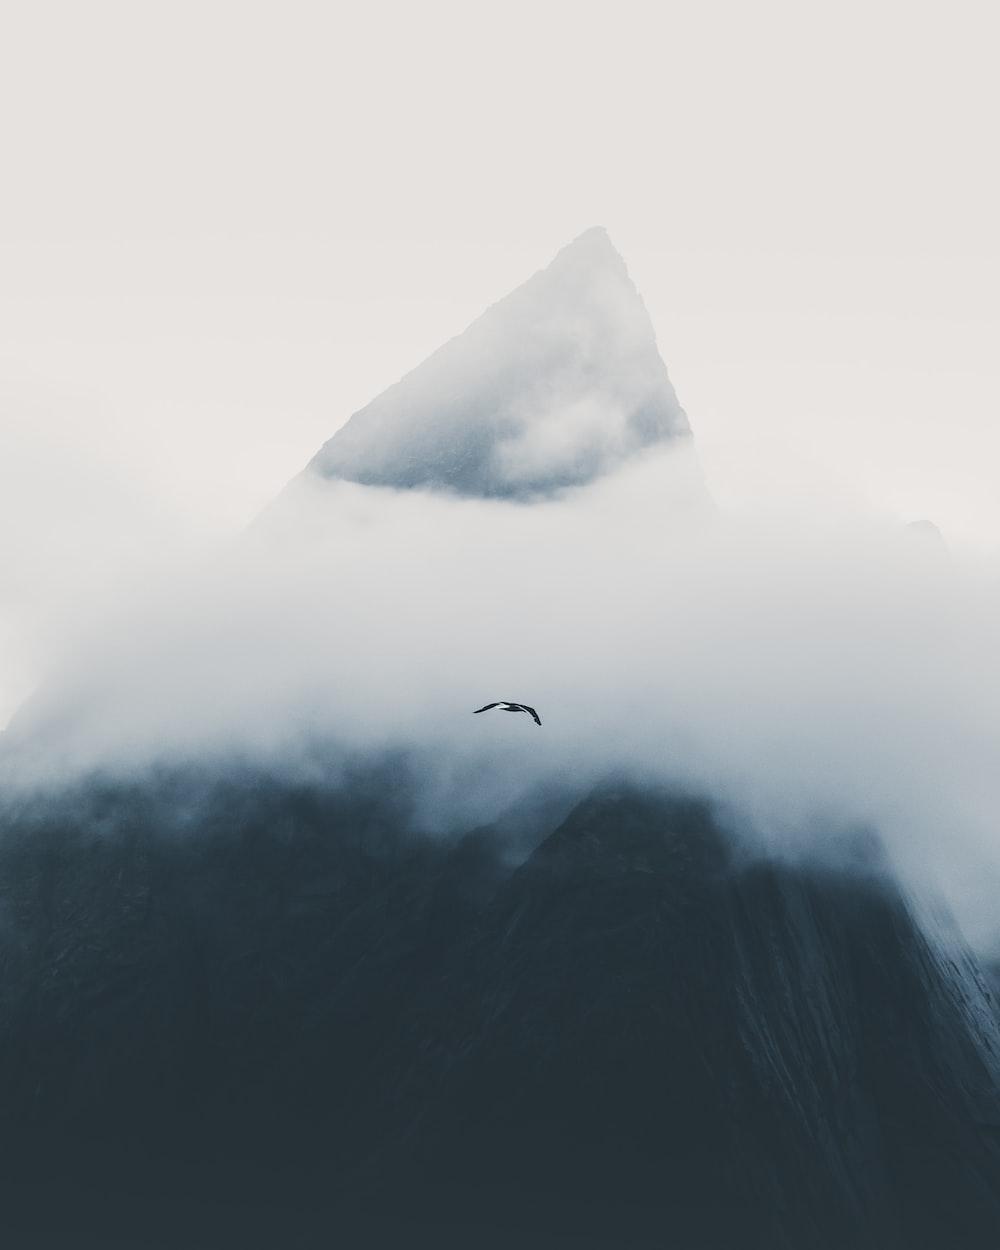 black bird in flight during daytime